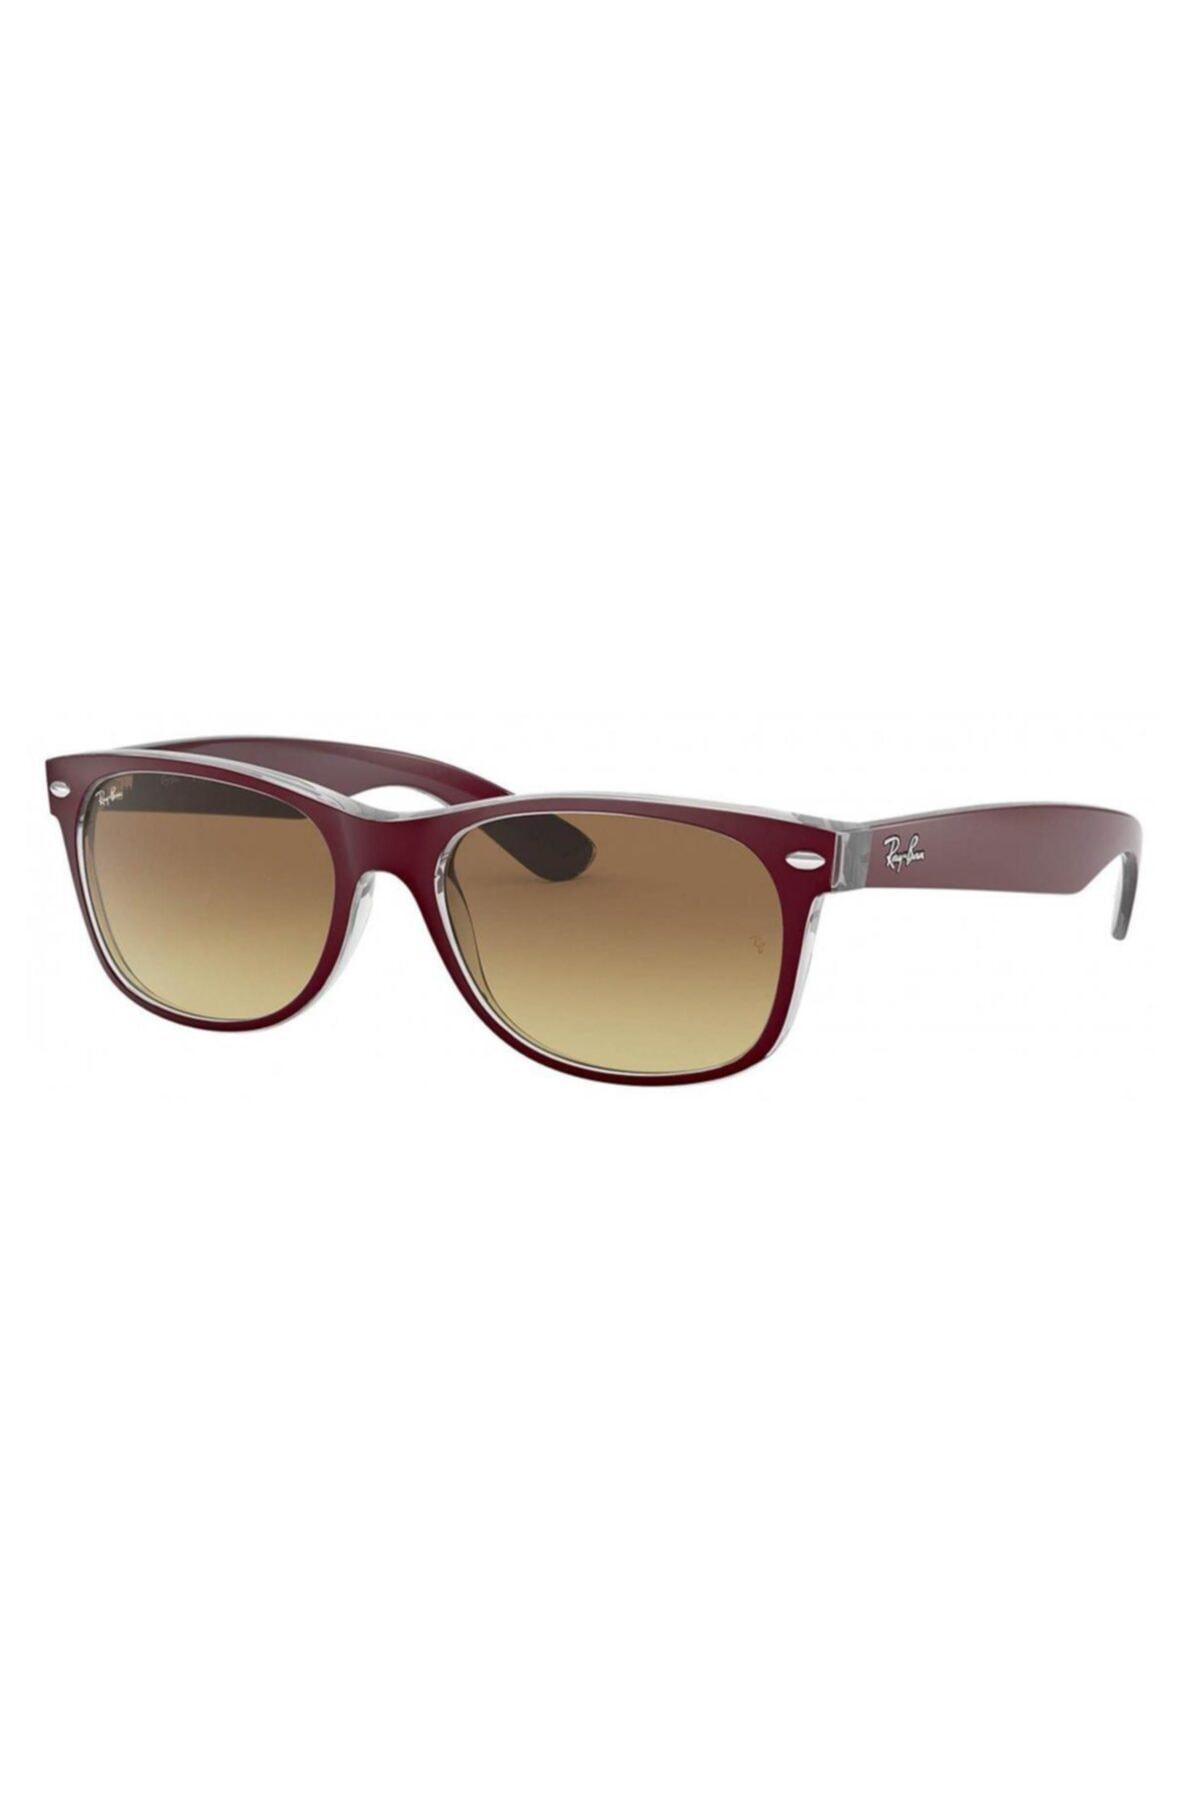 فروشگاه عینک آفتابی زنانه سال ۹۹ برند ری بن رنگ نارنجی کد ty33508175